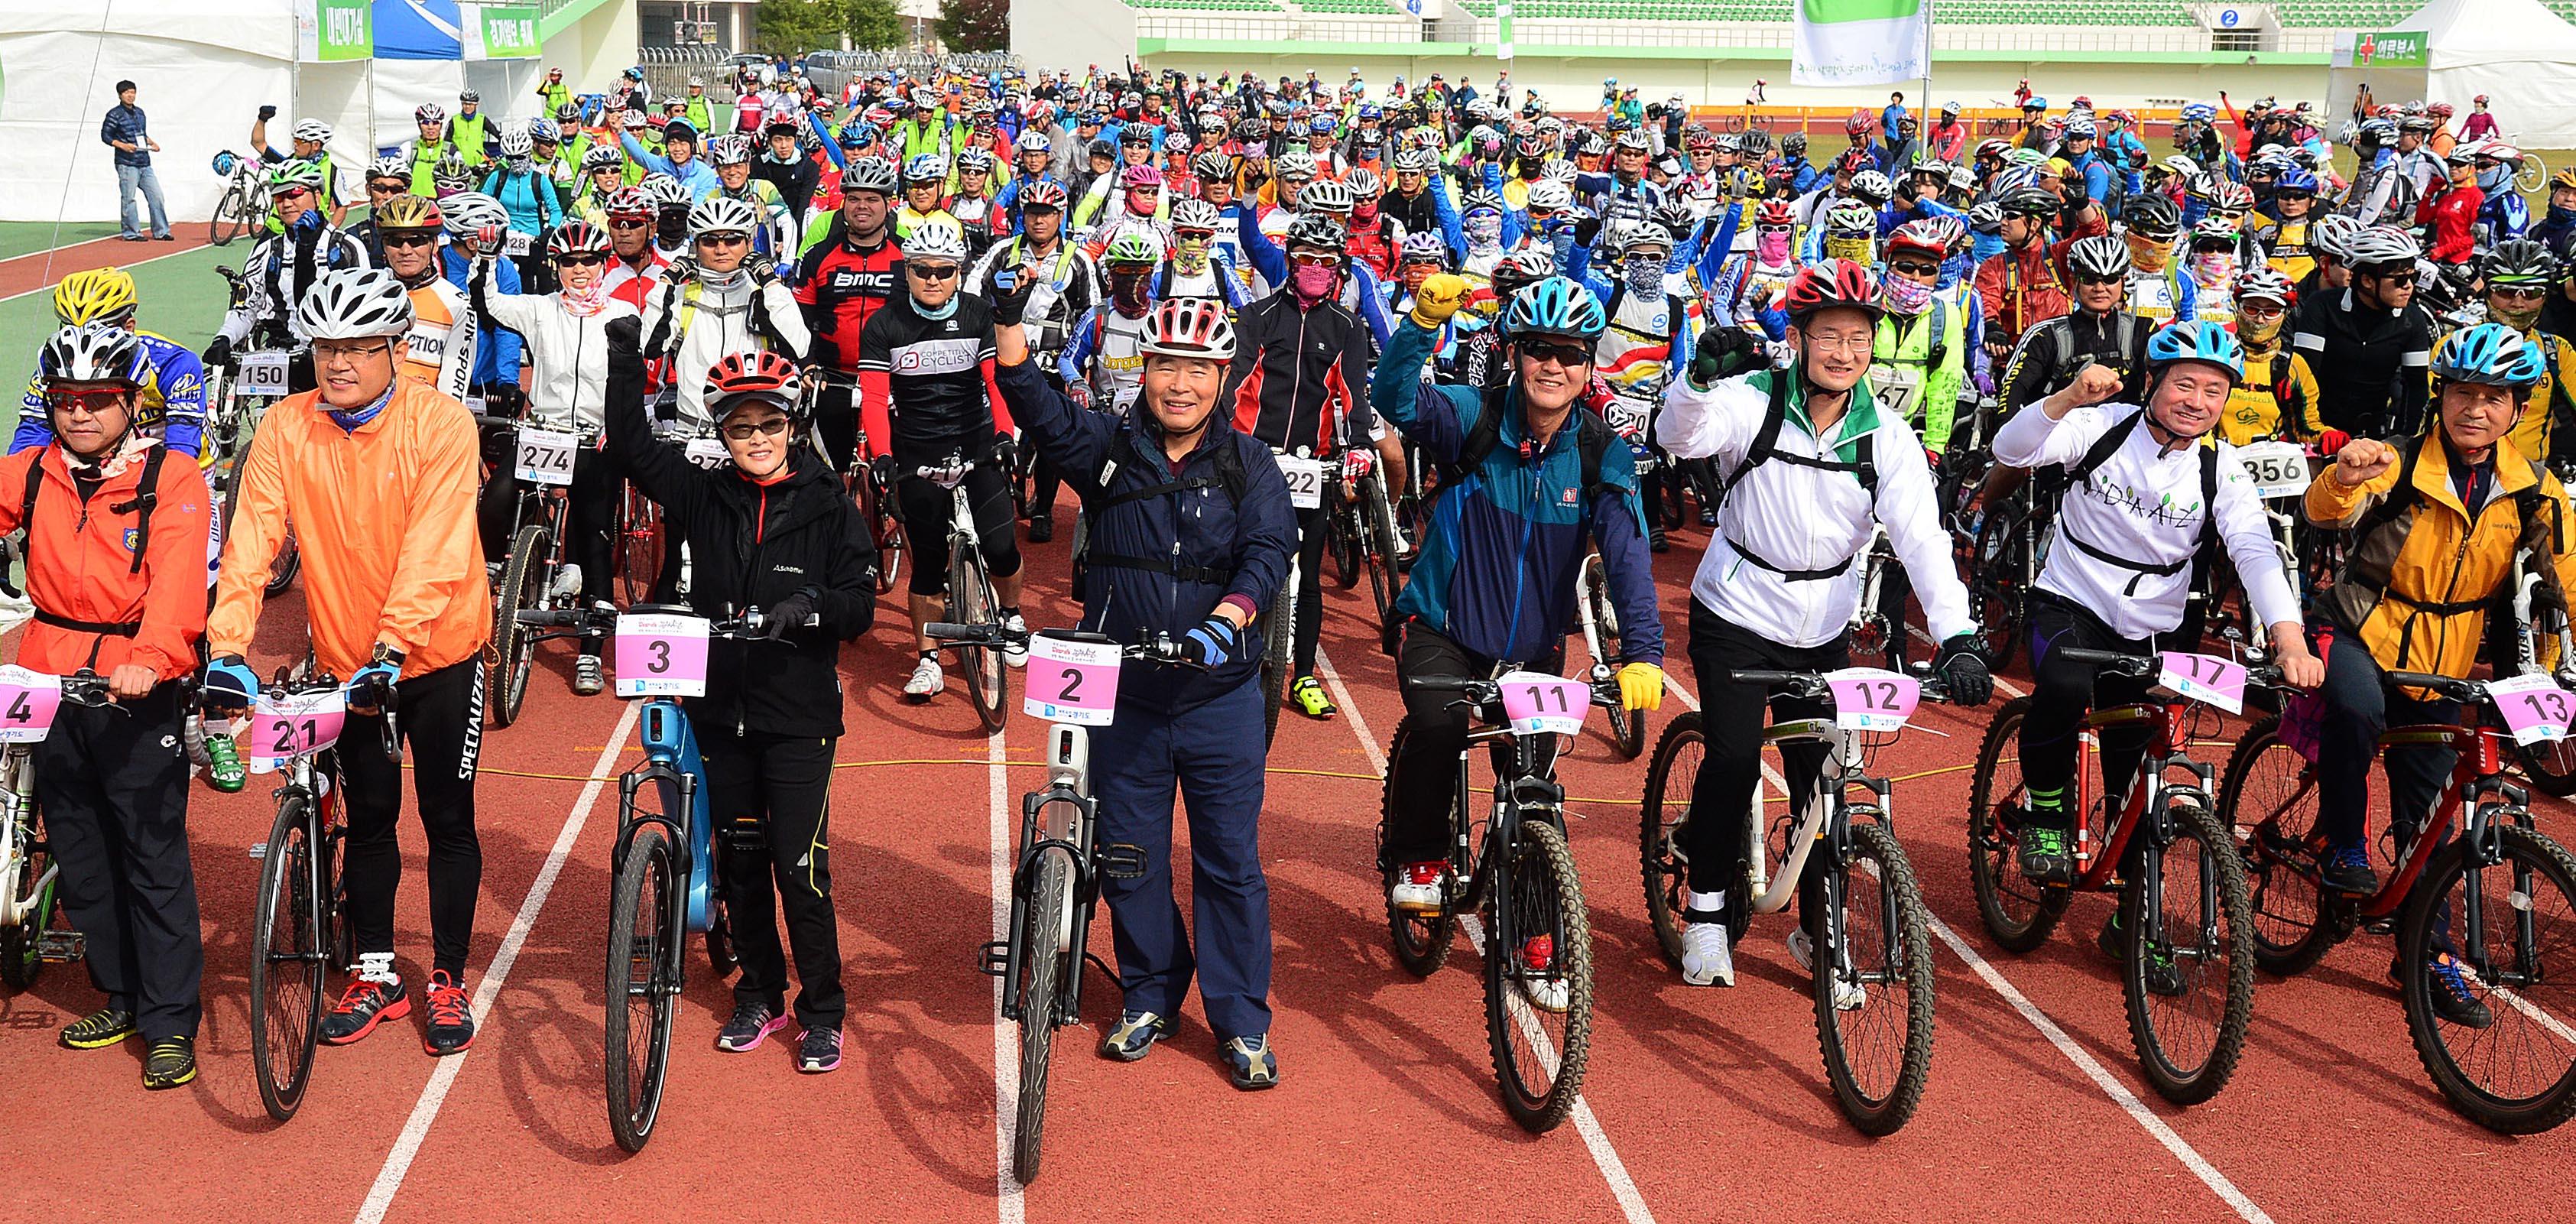 Tour de DMZ 자전거대행진 (2013.10.19) 썸네일 사진